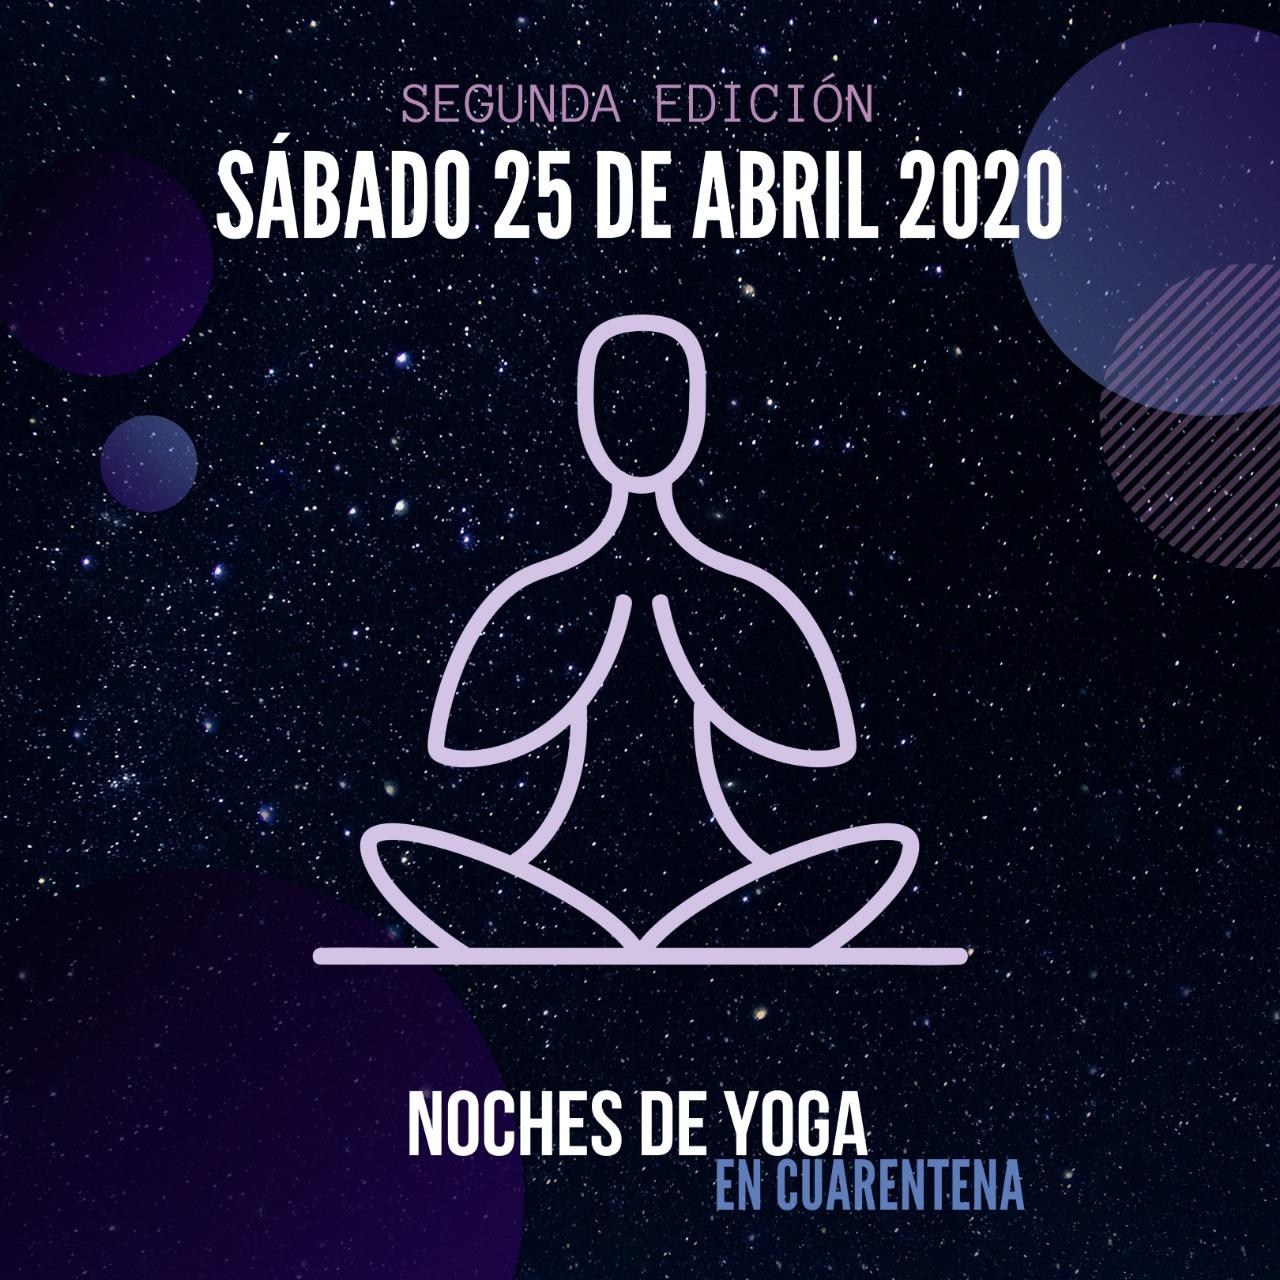 NOCHES DE YOGA Solidarias -en cuarentena-